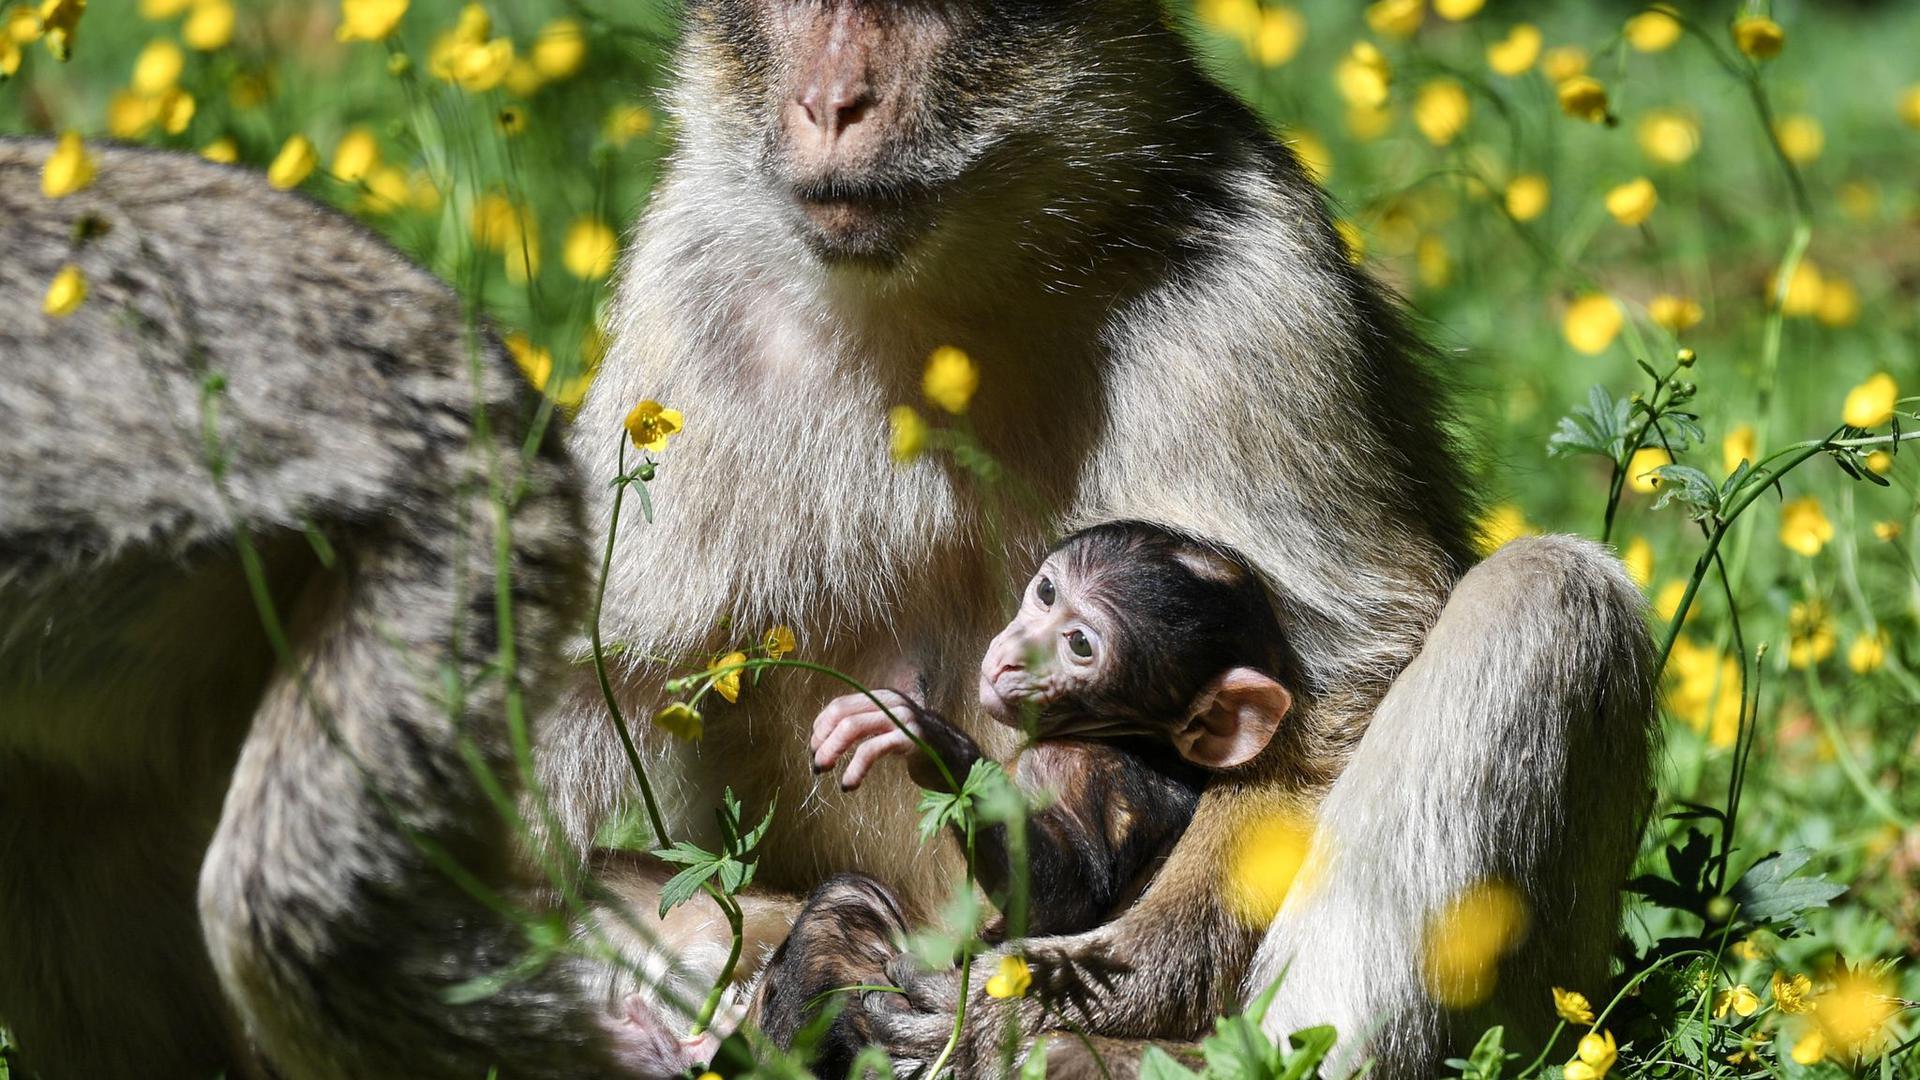 Eine Berberaffen-Mutter hält ihr Baby im Affenfreigehege in Salem im Schoß.